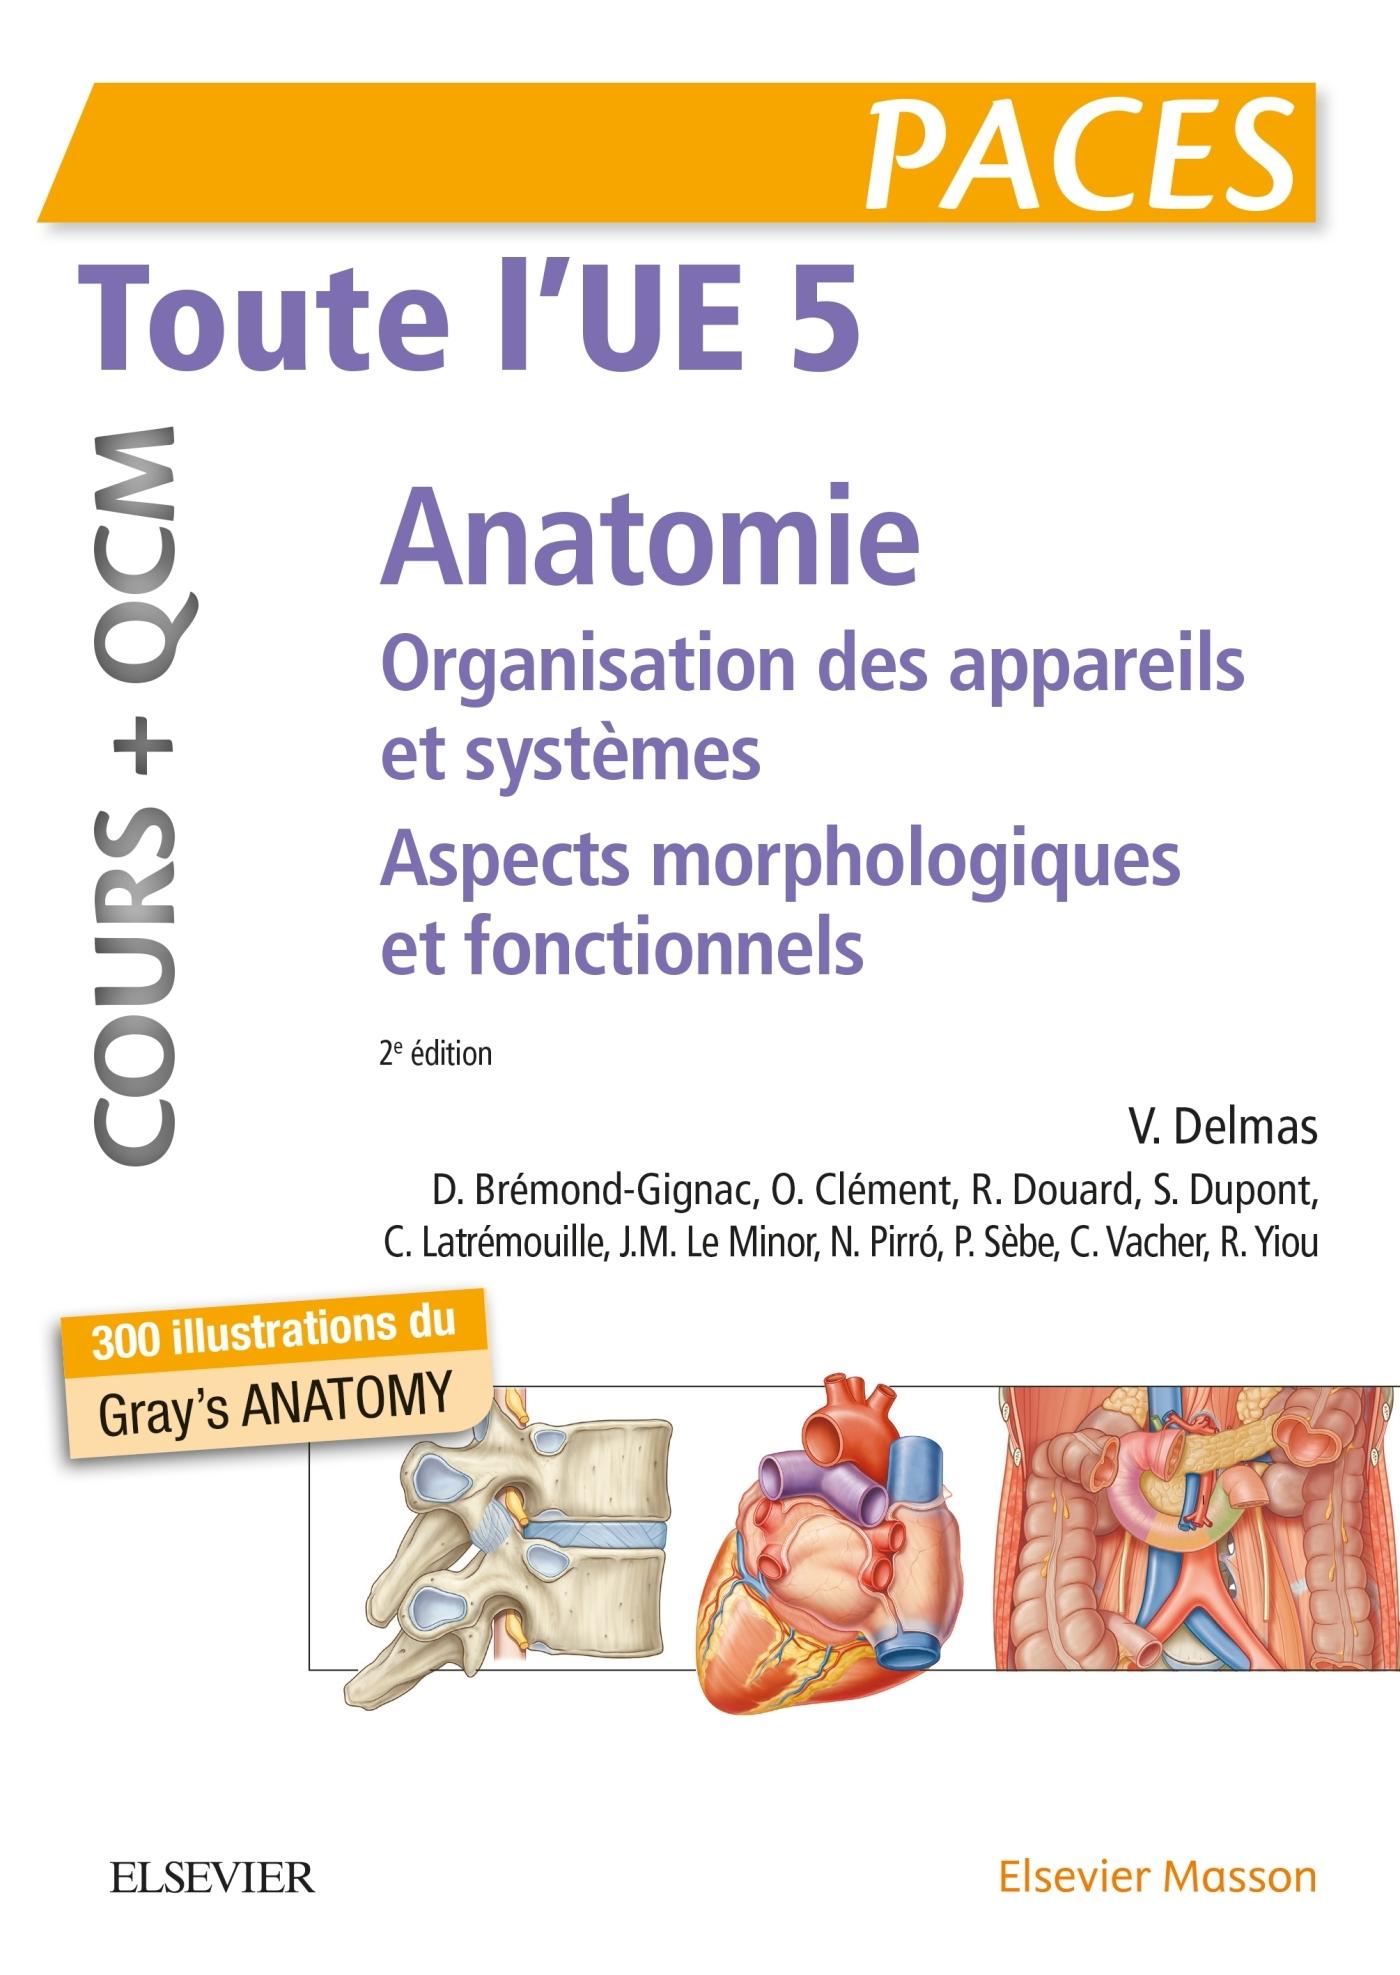 TOUTE L'UE 5 - ANATOMIE - COURS + QCM - ORGANISATION DES APPAREILS ET DES SYSTEMES - ASPECTS MORPHOL